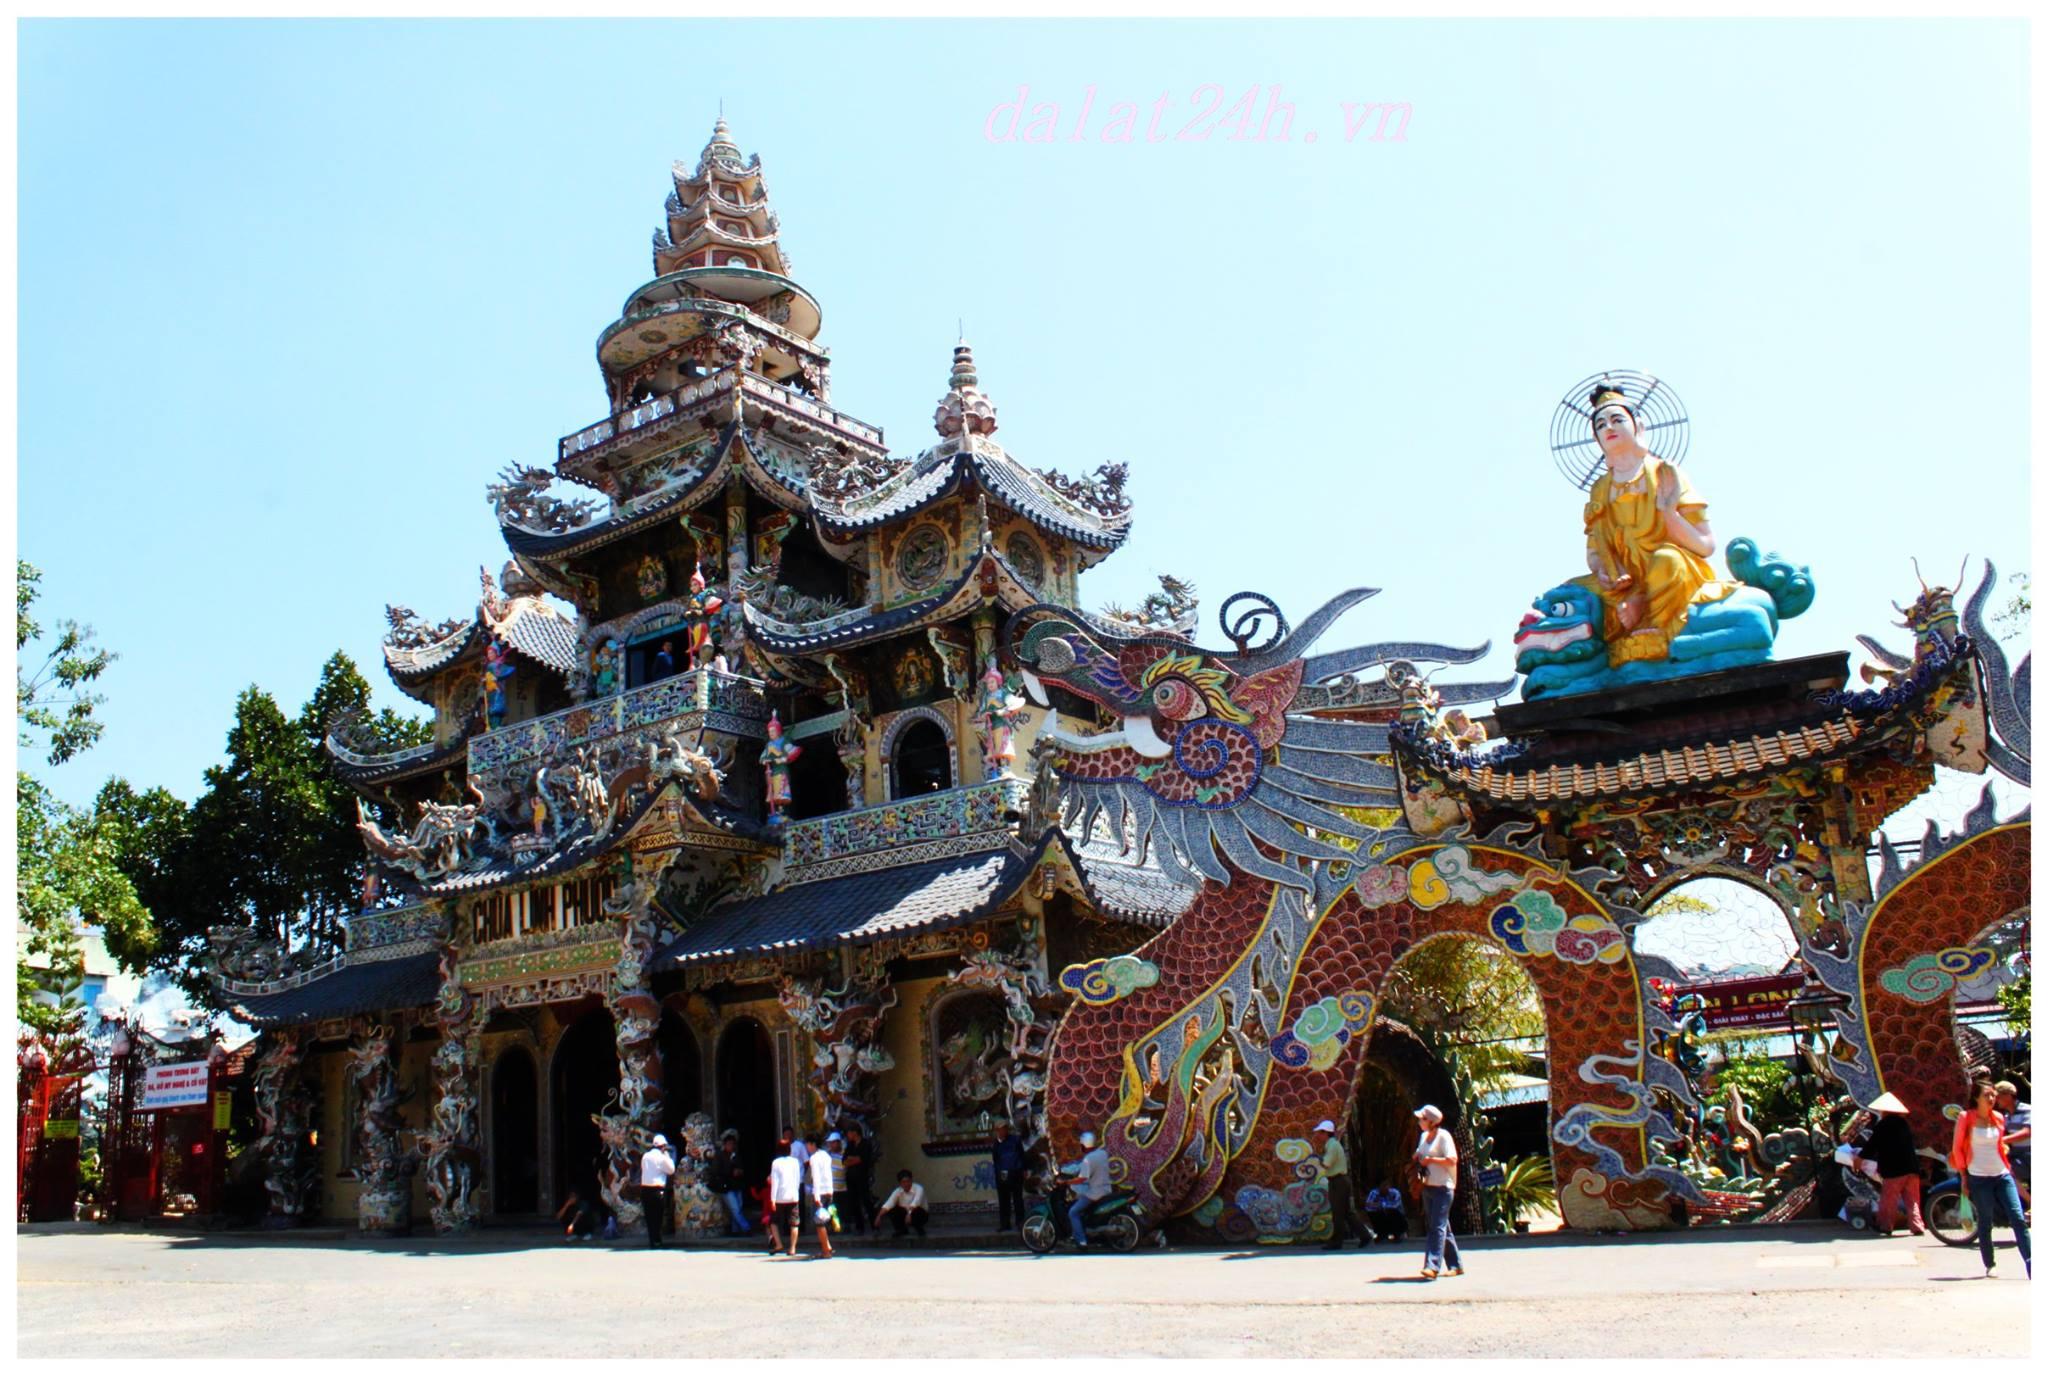 Du lịch Đà Lạt - chùa linh phước Đà Lạt